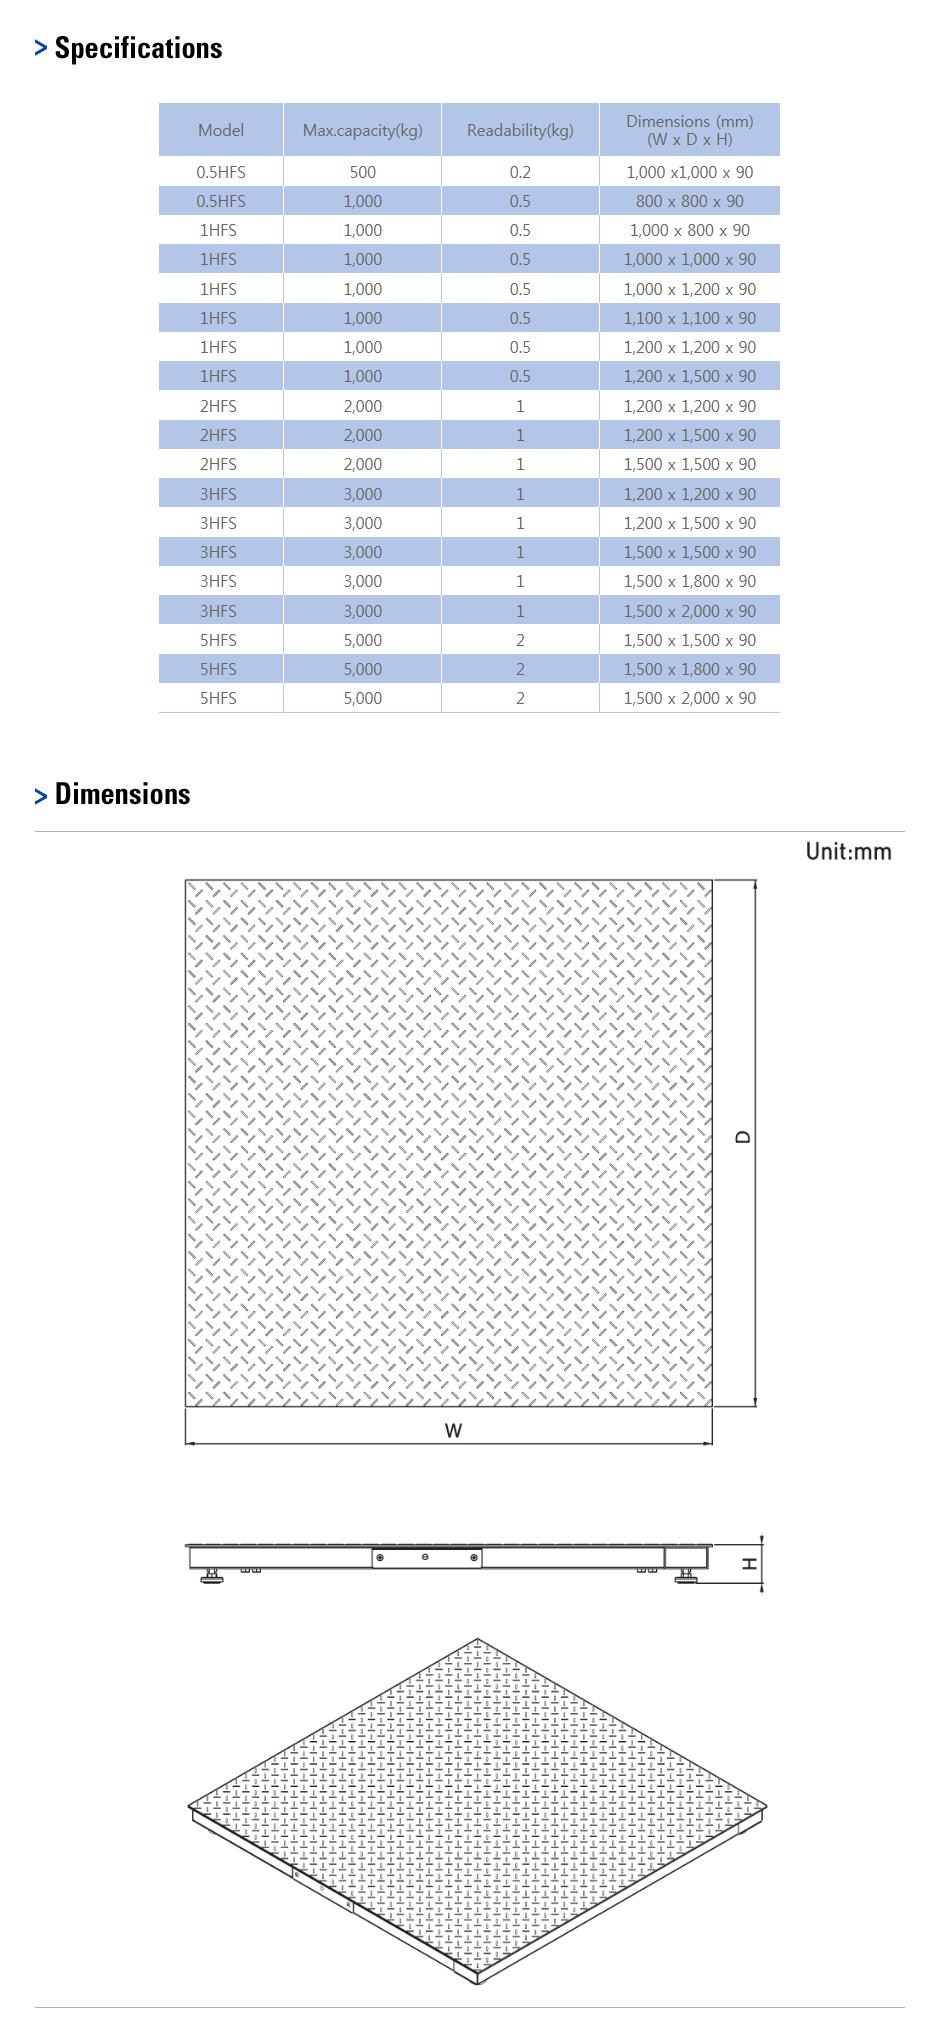 CAS Platform Scale (Cattle Weight Bridge Platform) HFS Series 1